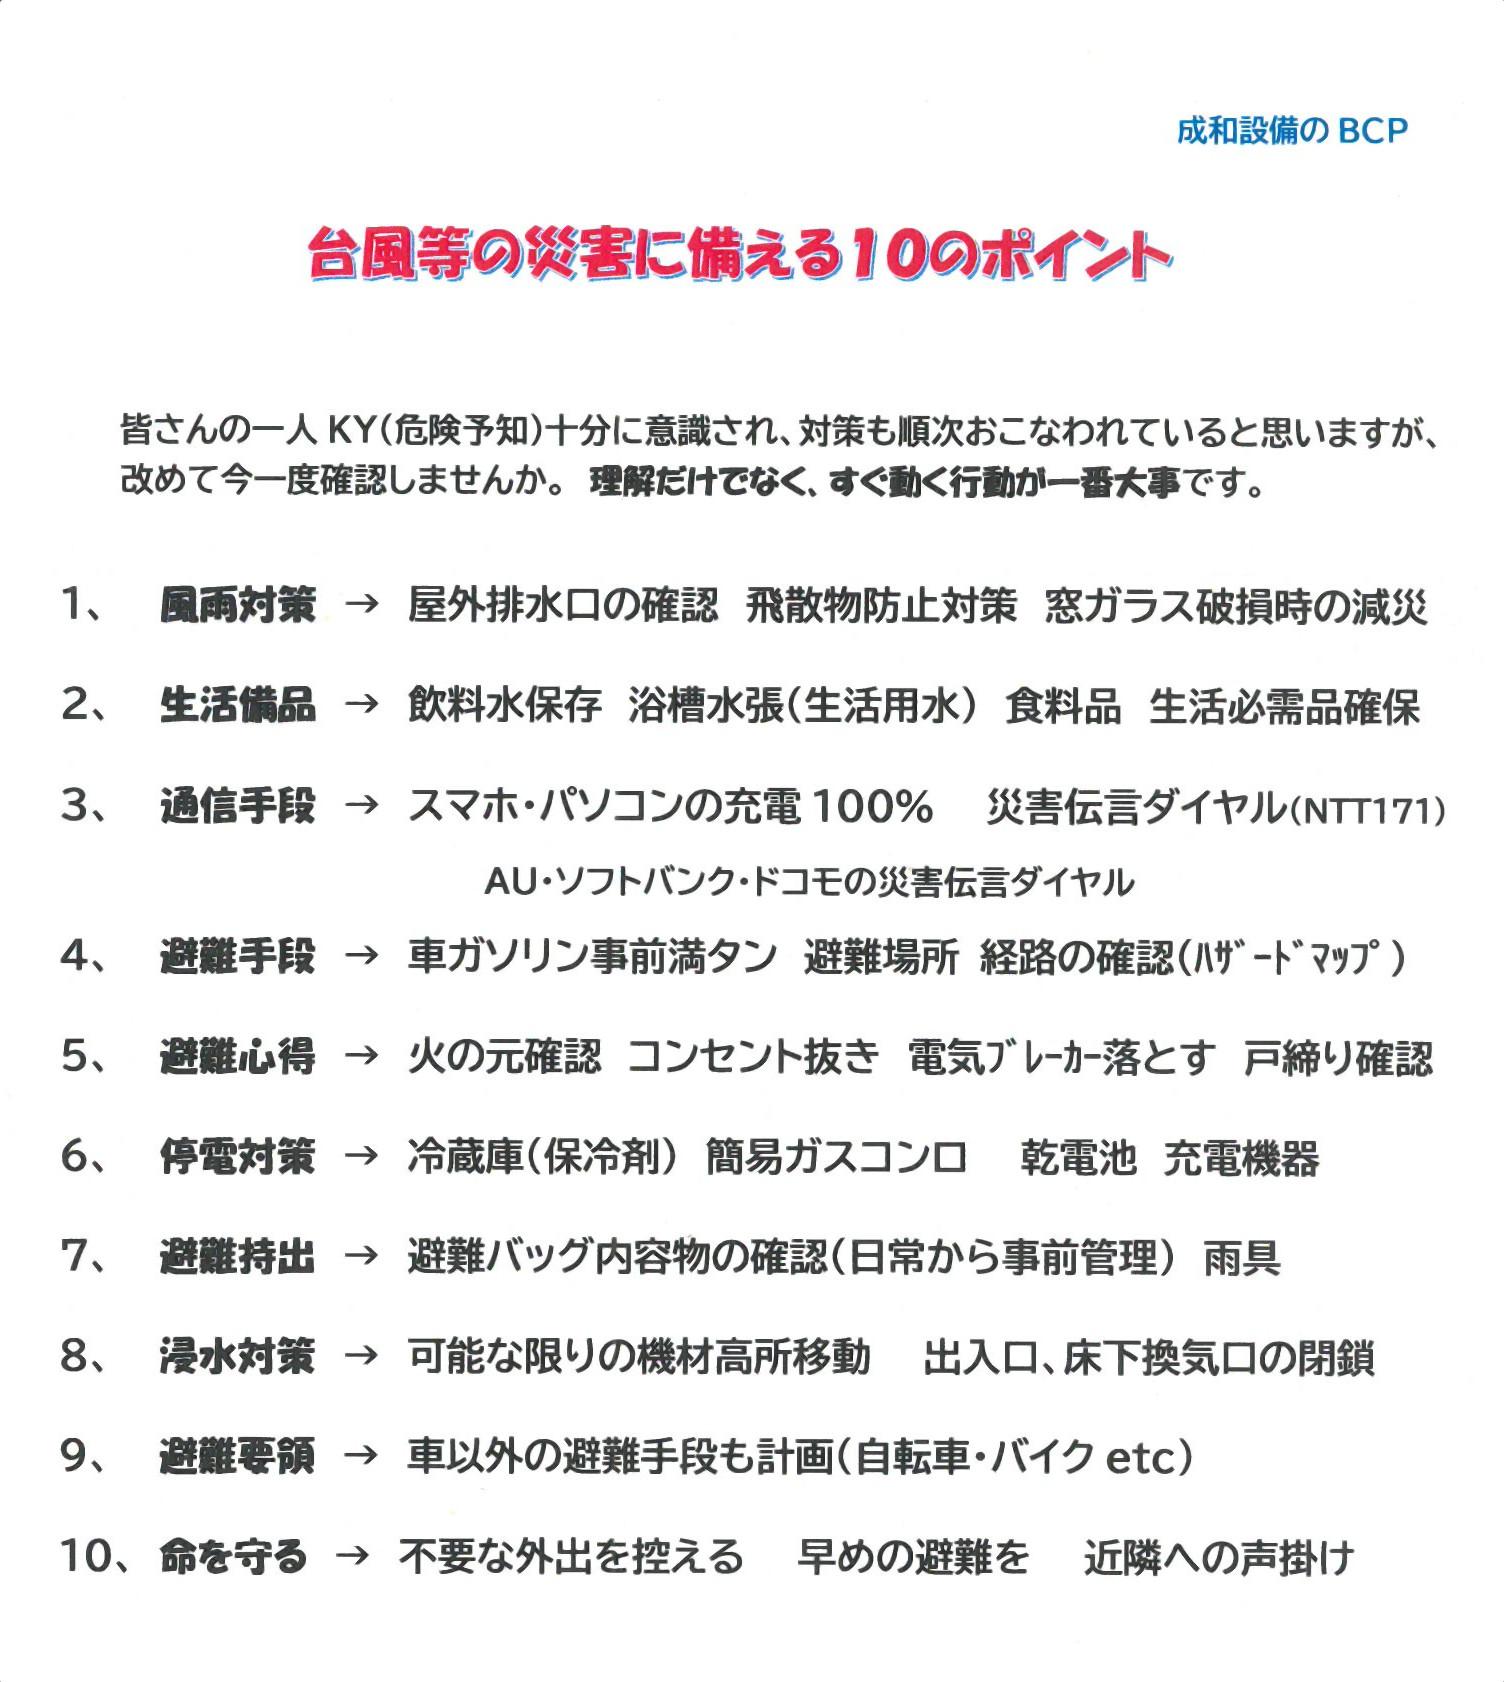 台風等災害に備える10のポイント